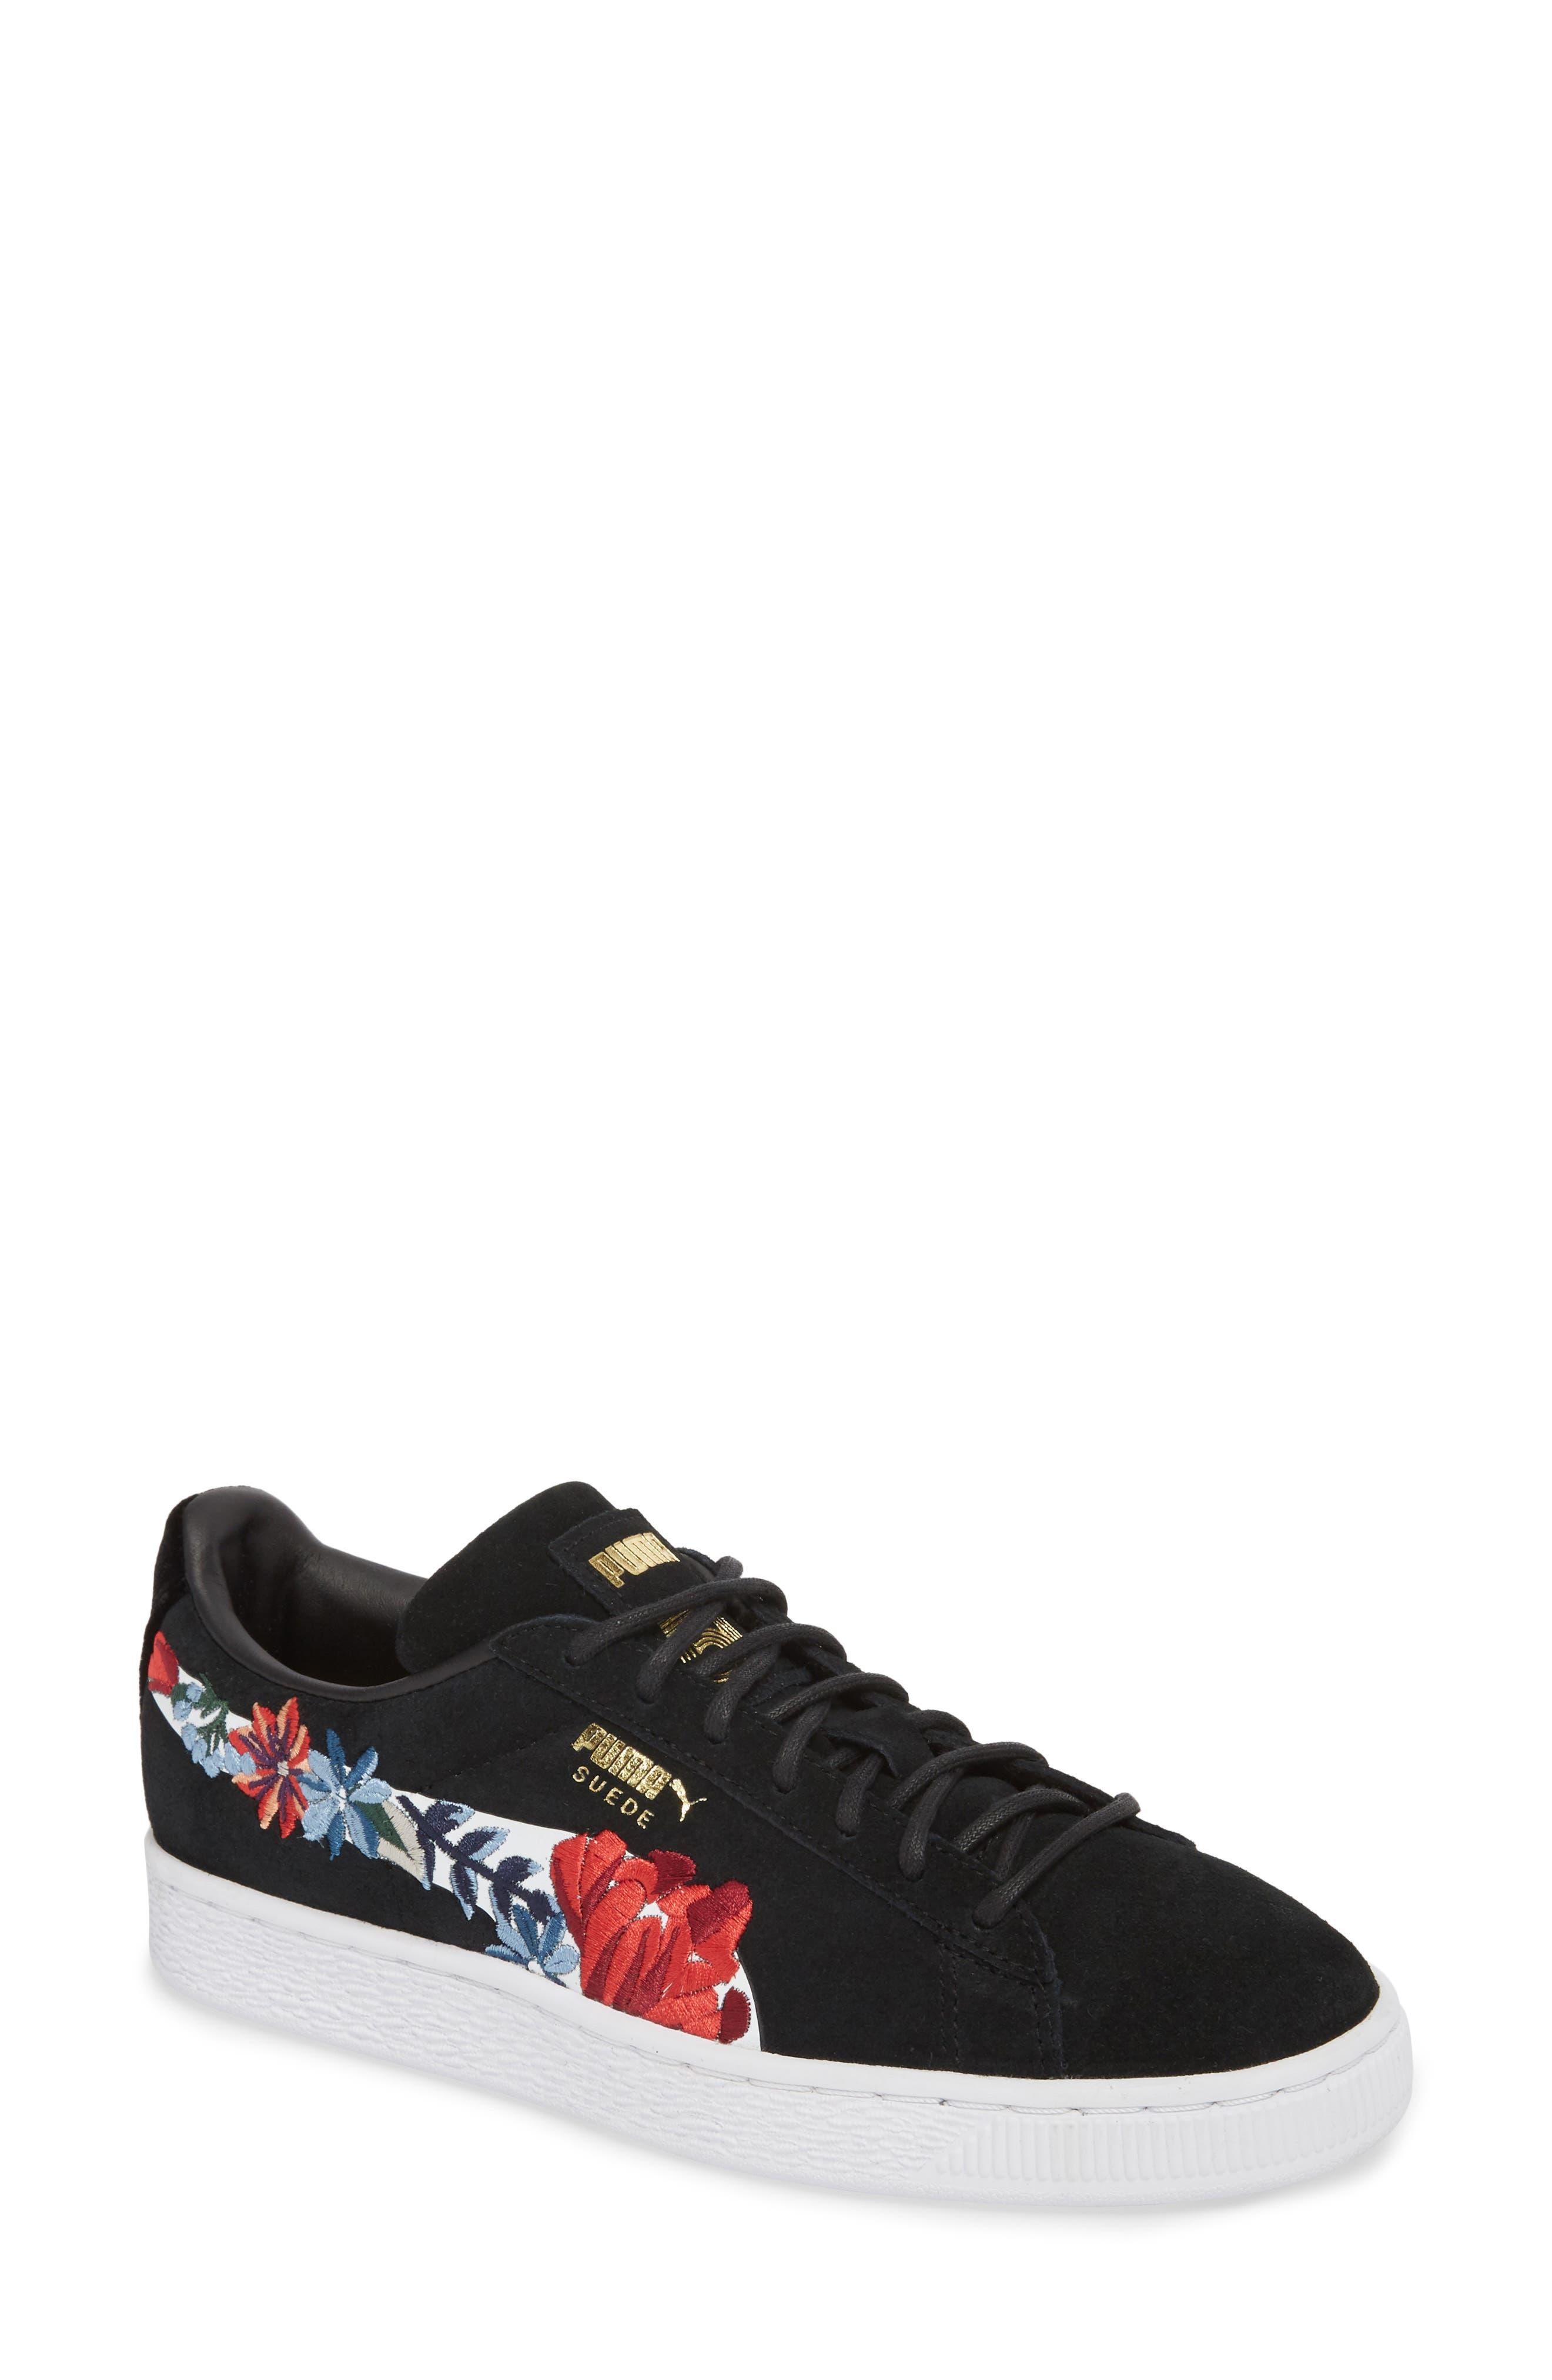 PUMA | Suede Hyper Embellished Sneaker